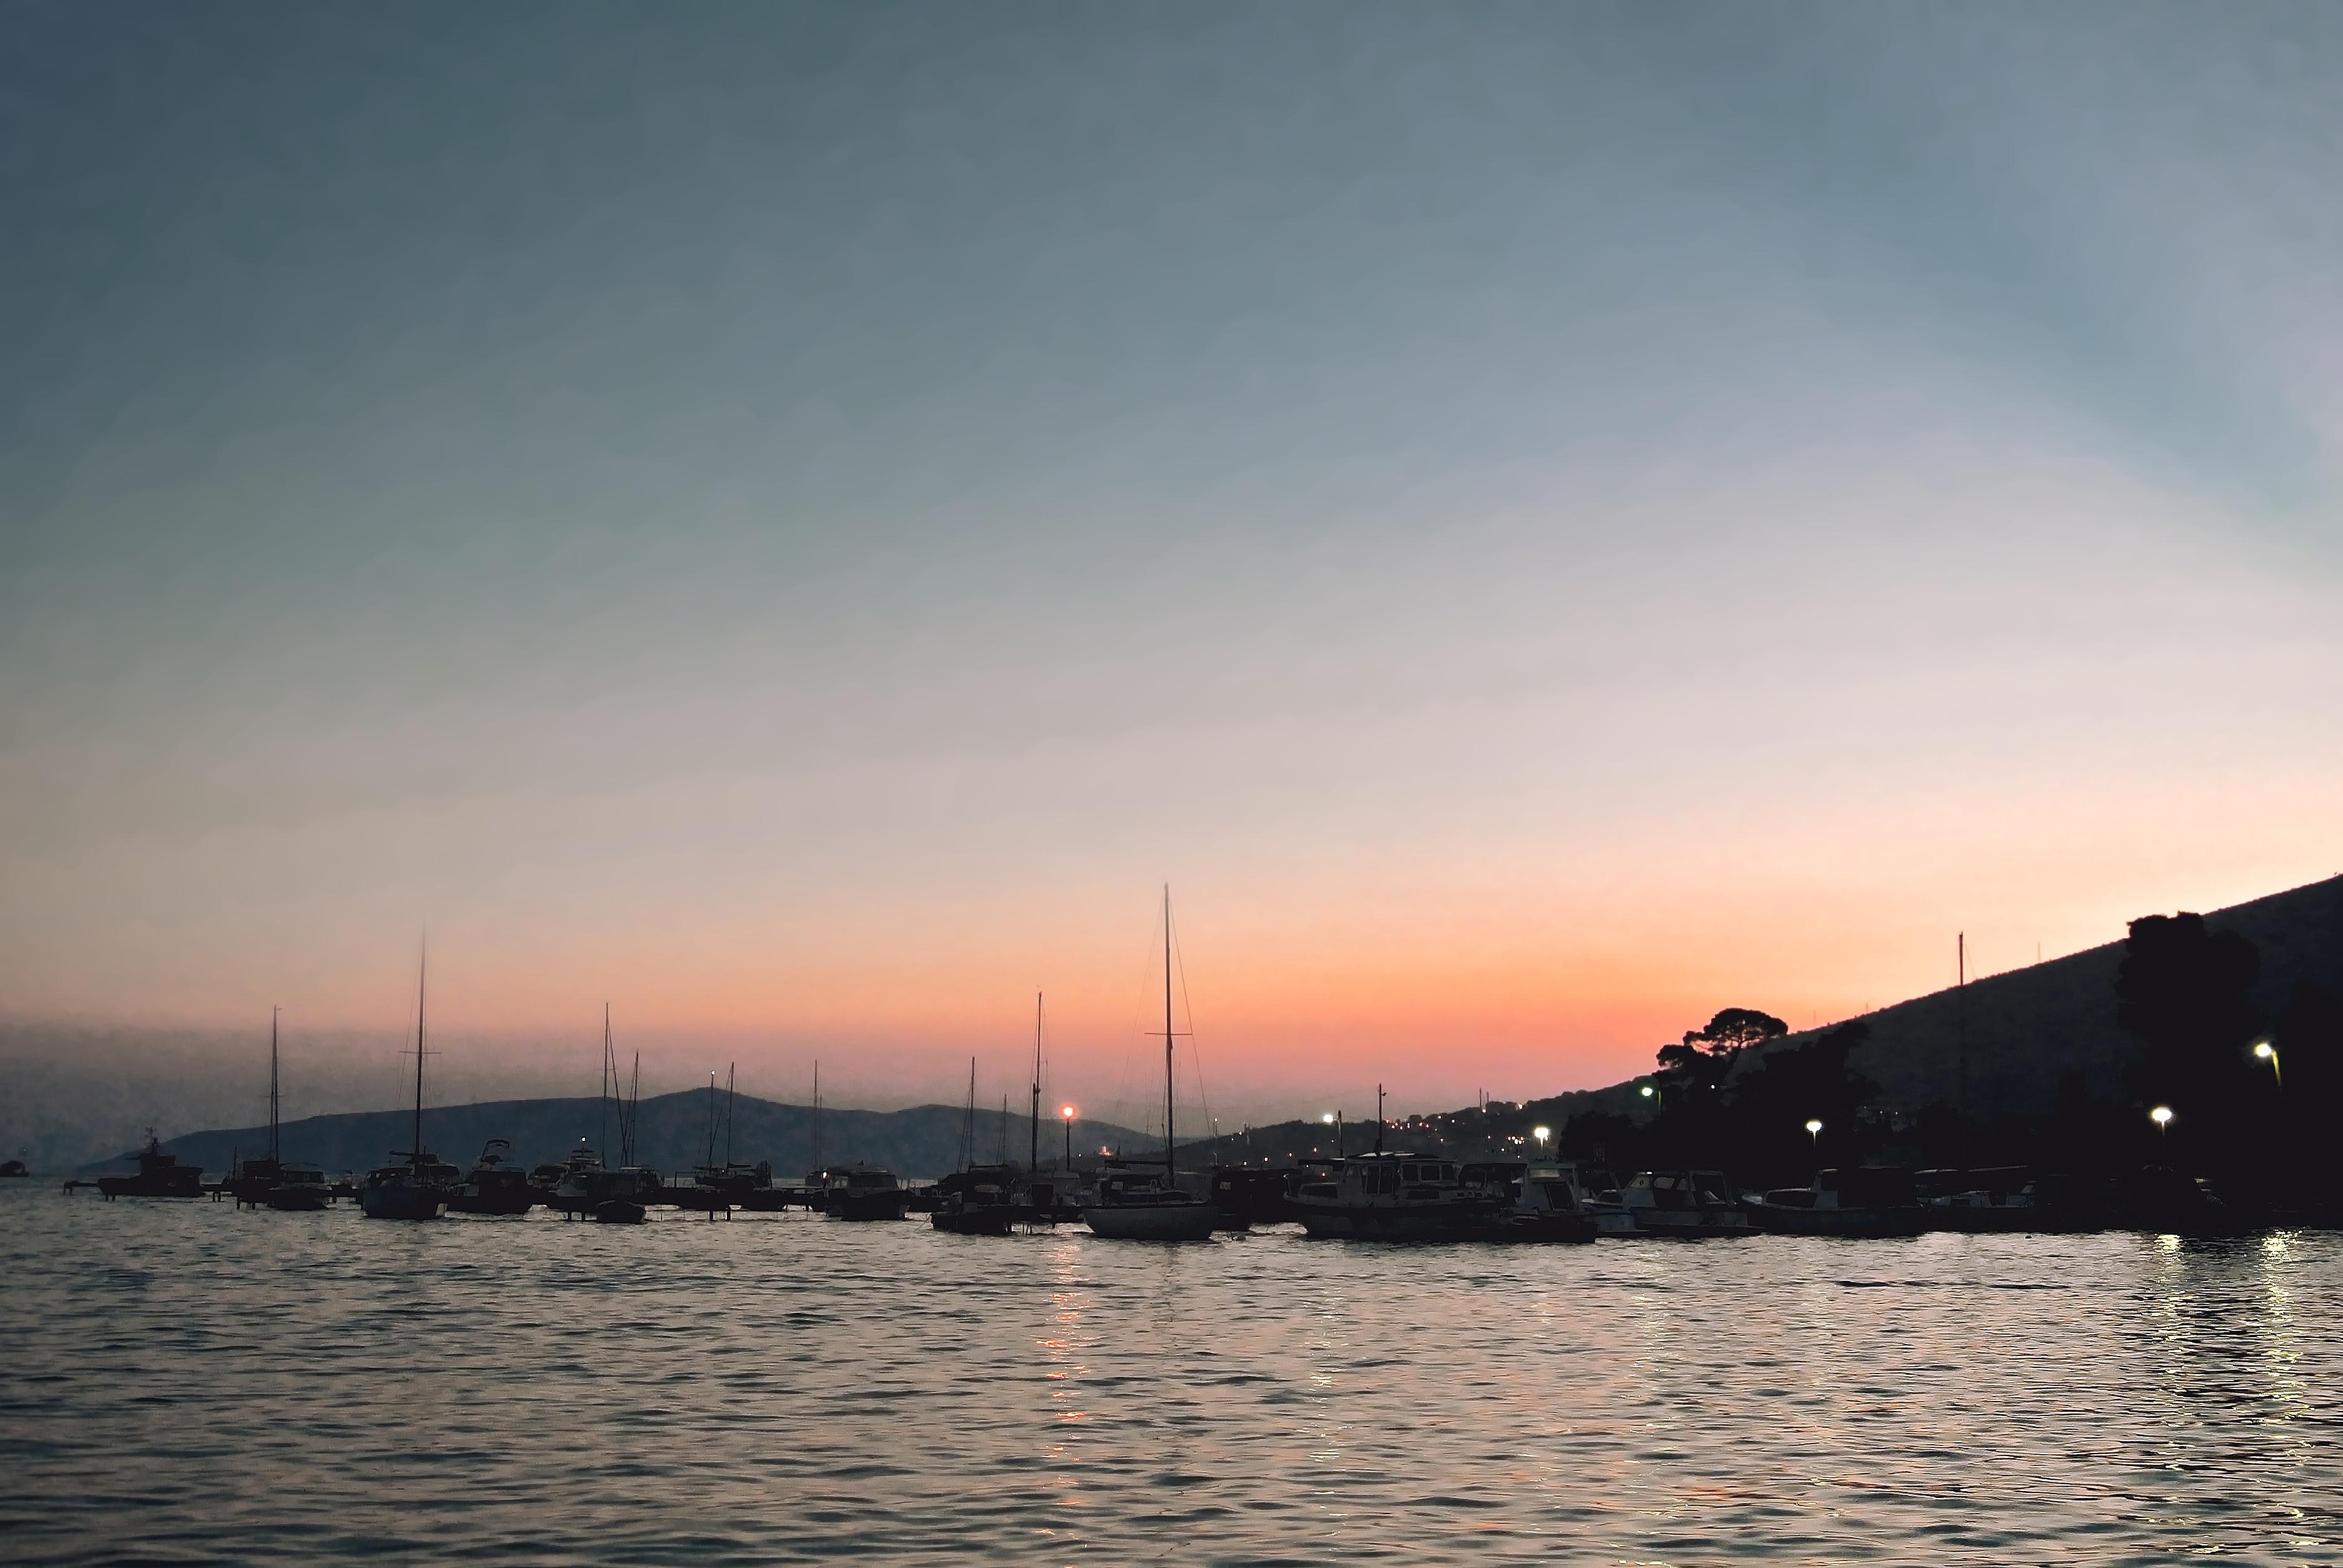 Wie fotografiert man im Urlaub - nach sonnenuntergang